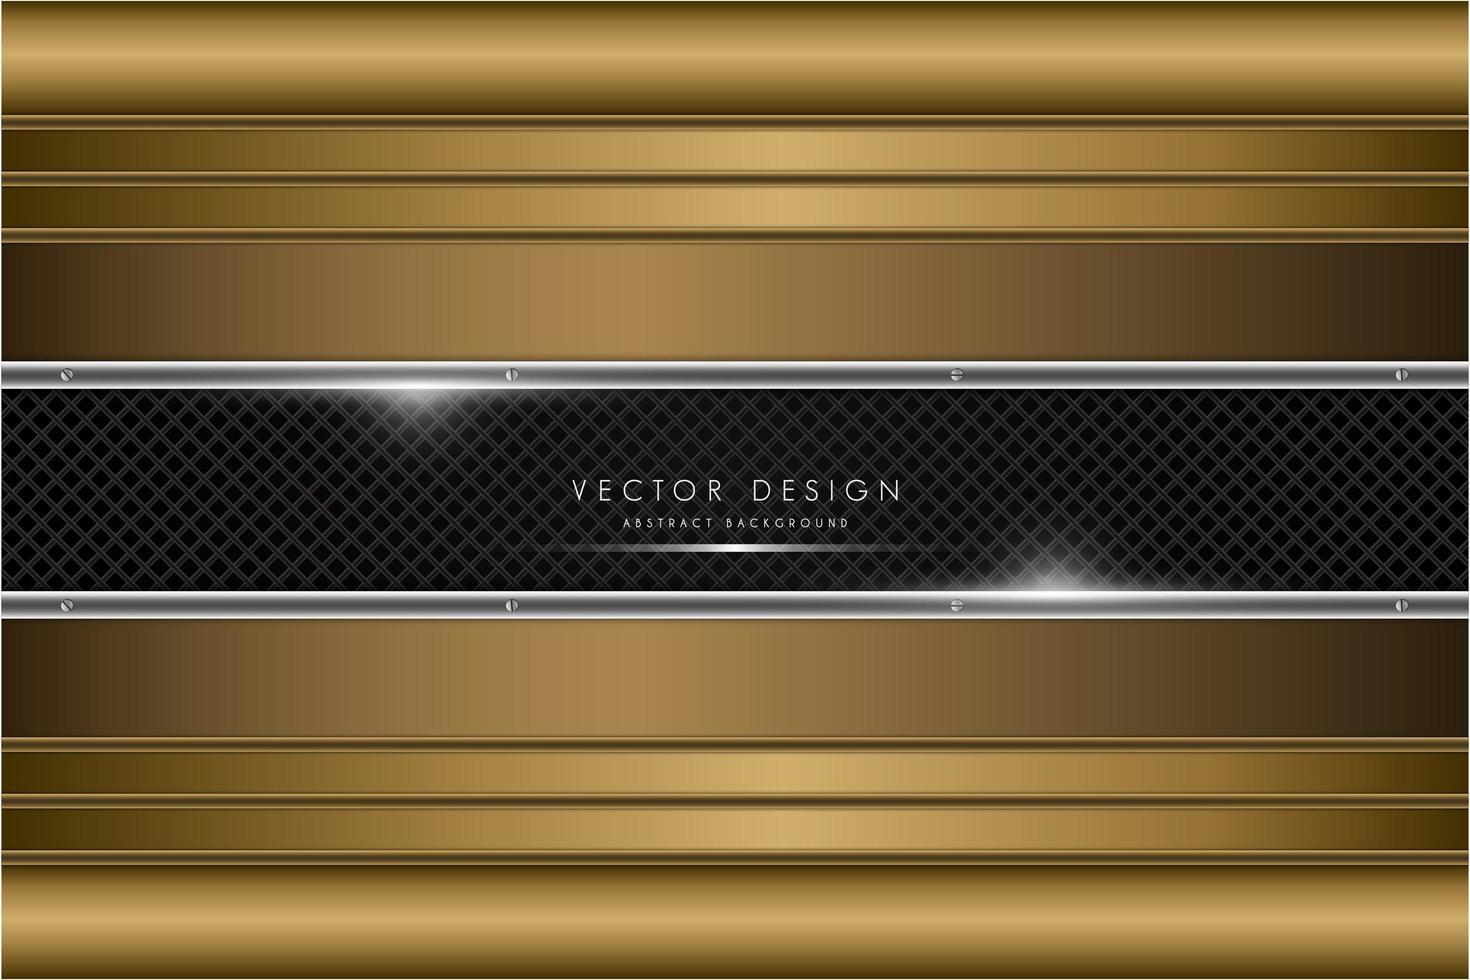 Luxus Gold und Silber Metallic Hintergrund vektor